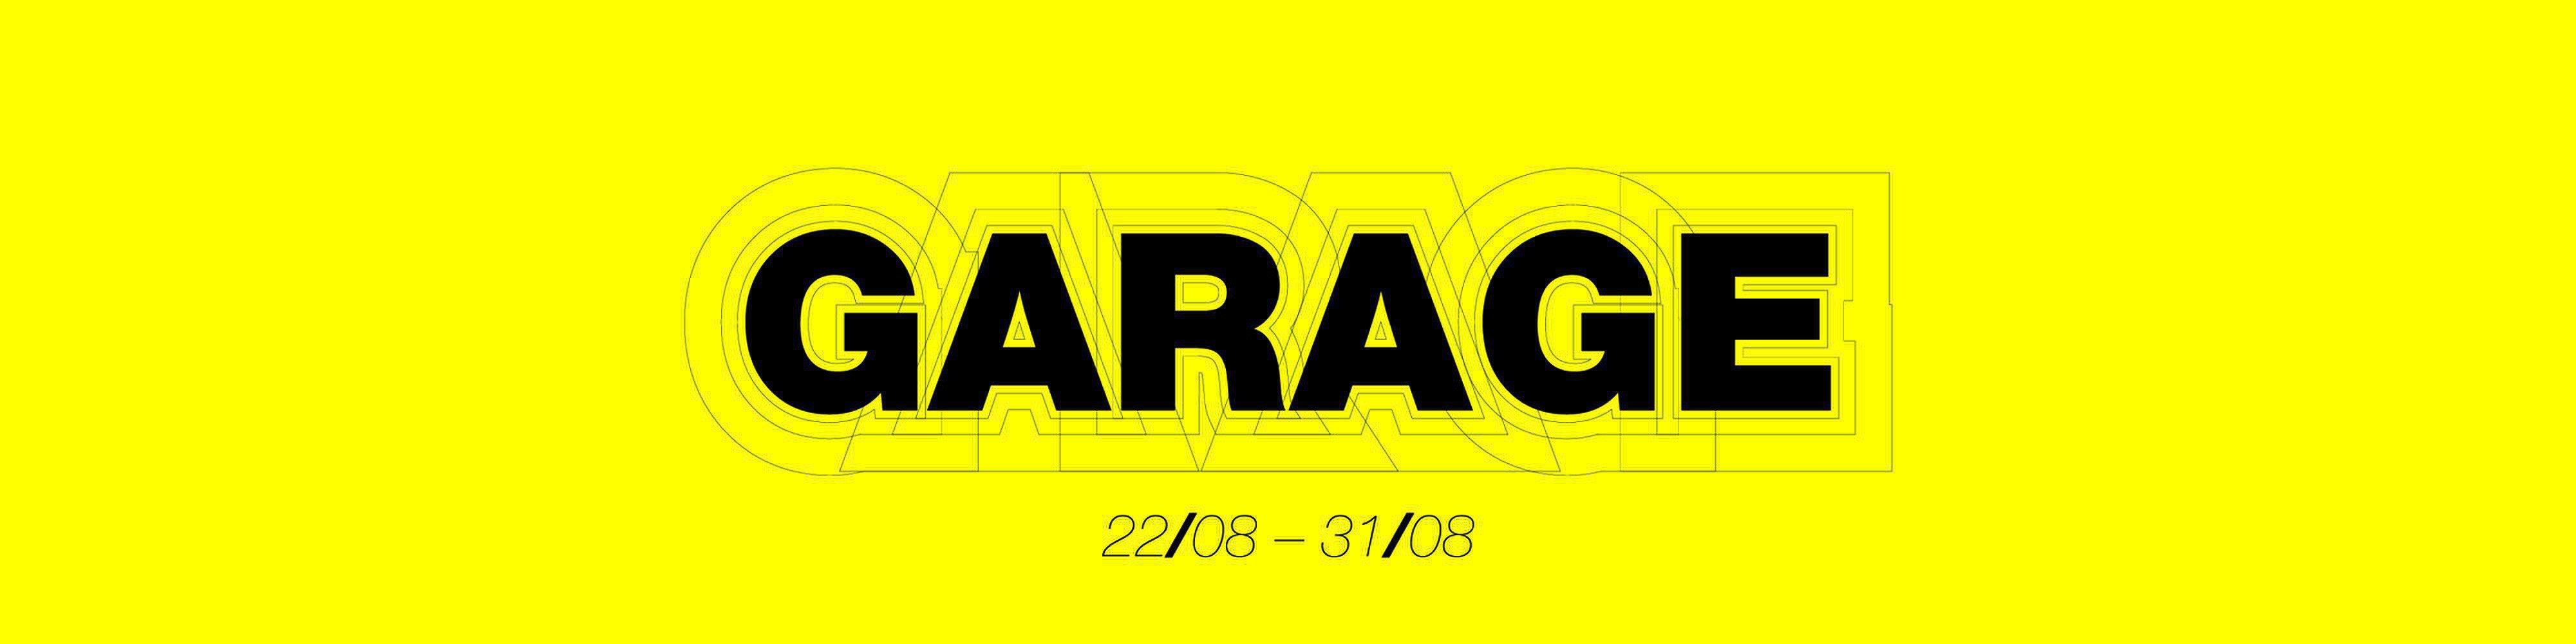 Garage 22/08 - 31/08